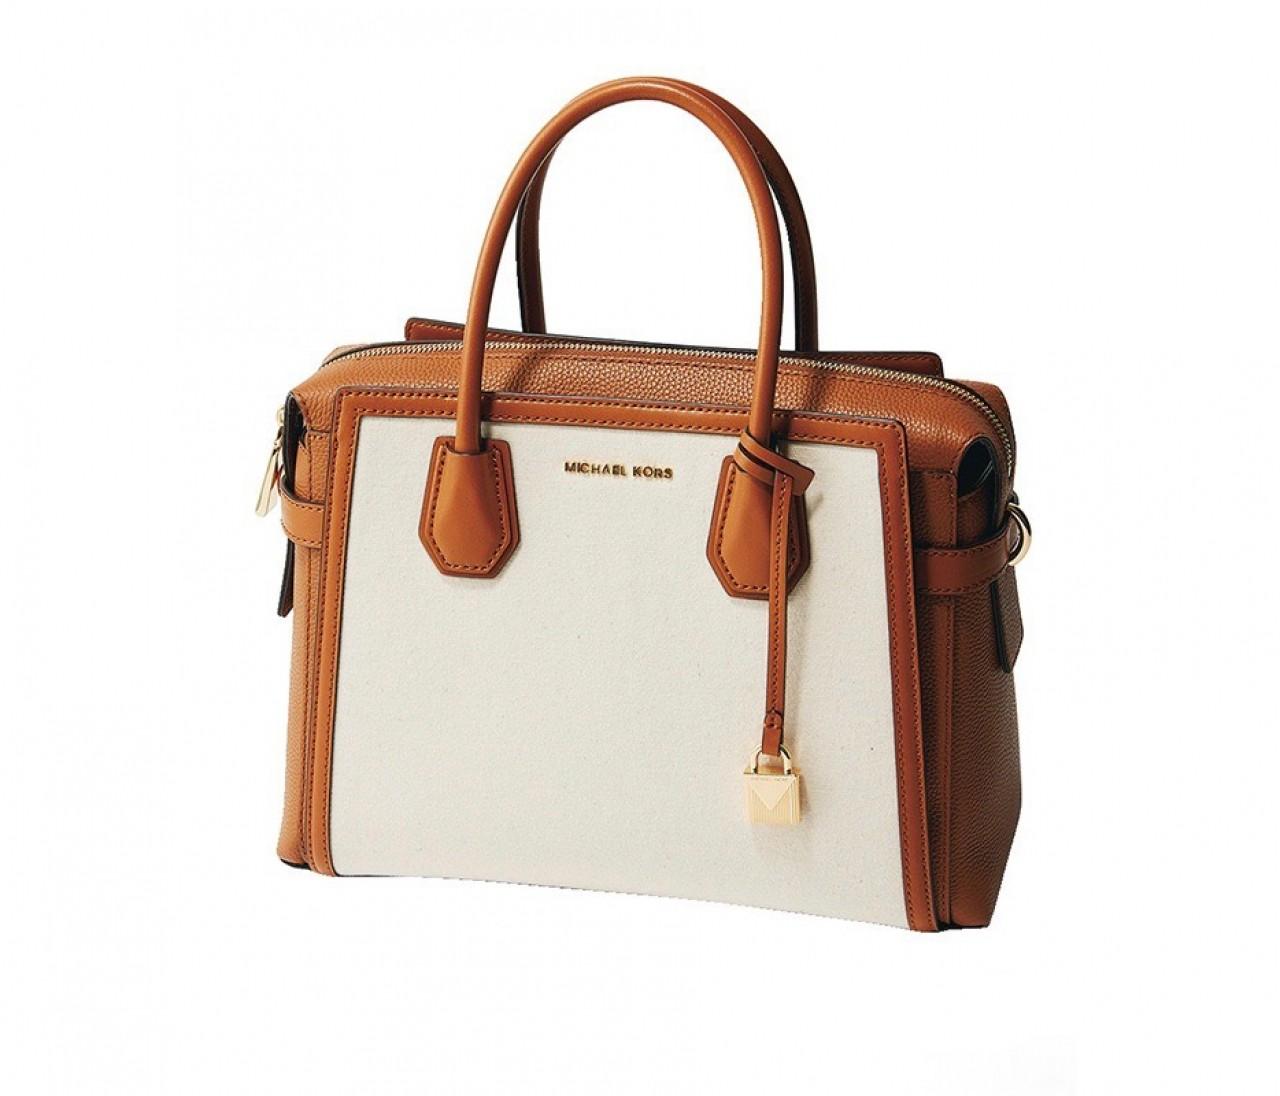 ONシーンにしゃれ感をプラス! 通勤対応、春の新作バッグコレクション